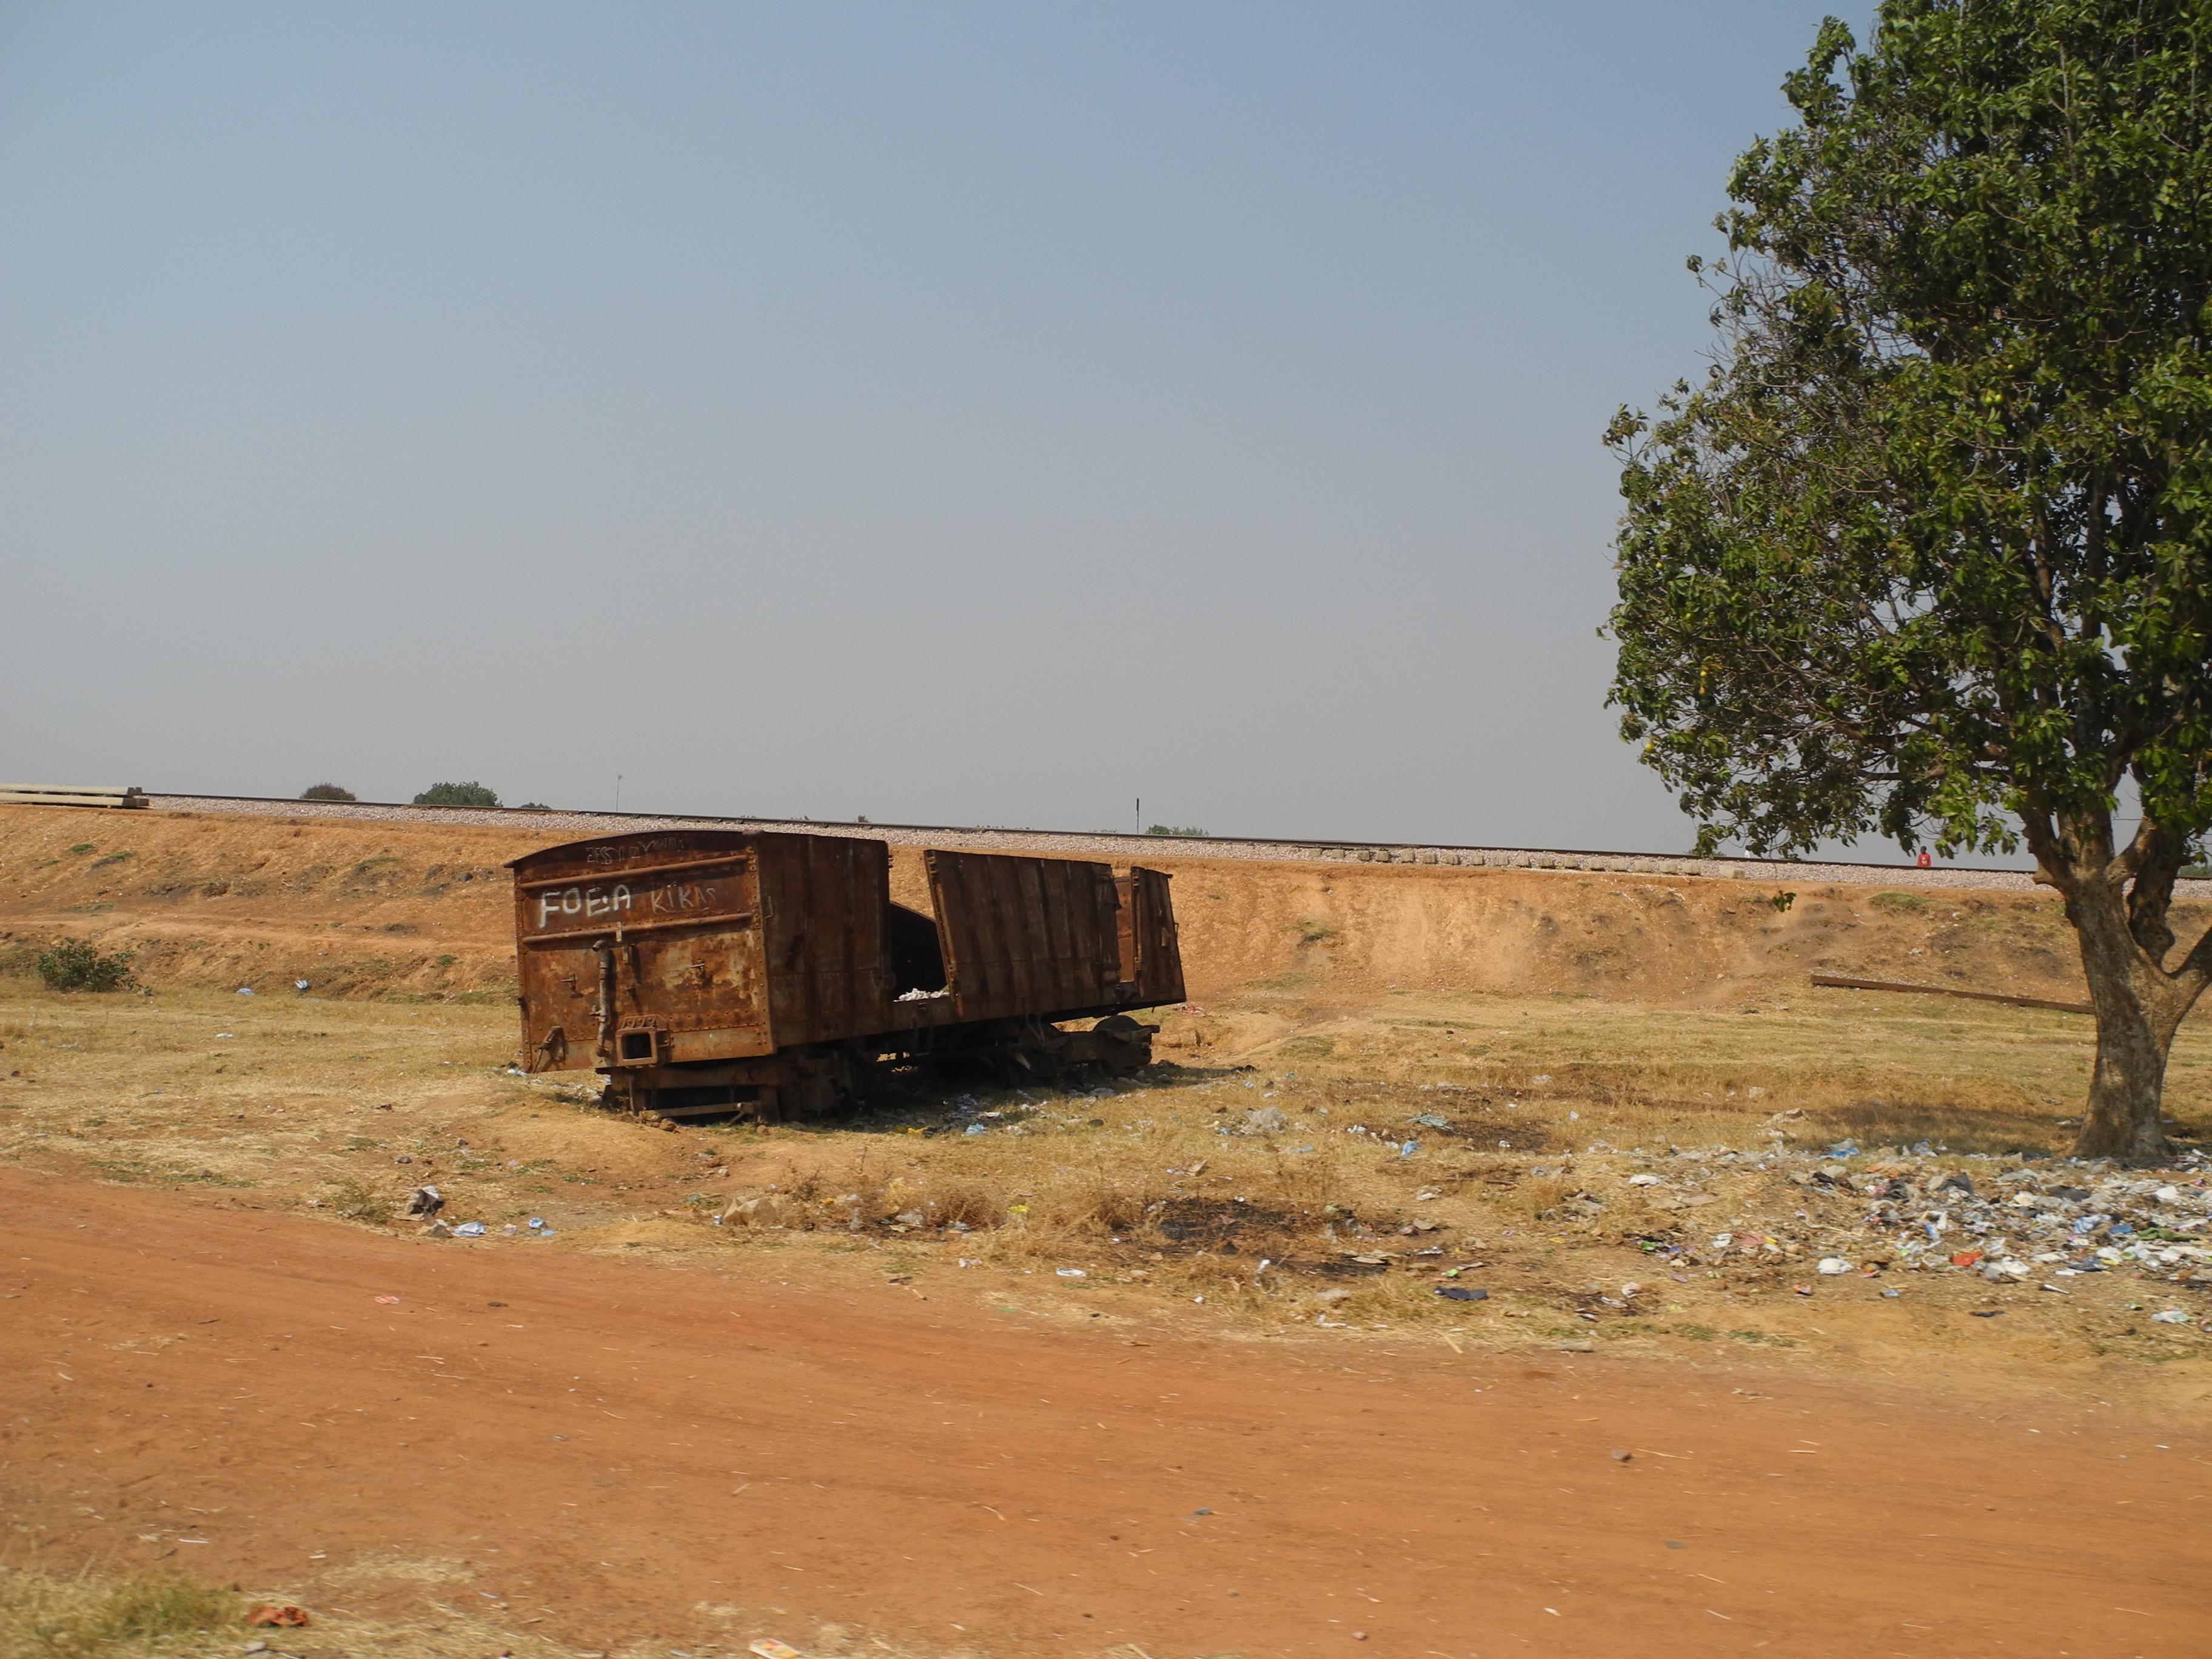 Plano director municipal de chitembo angola DSCN4022